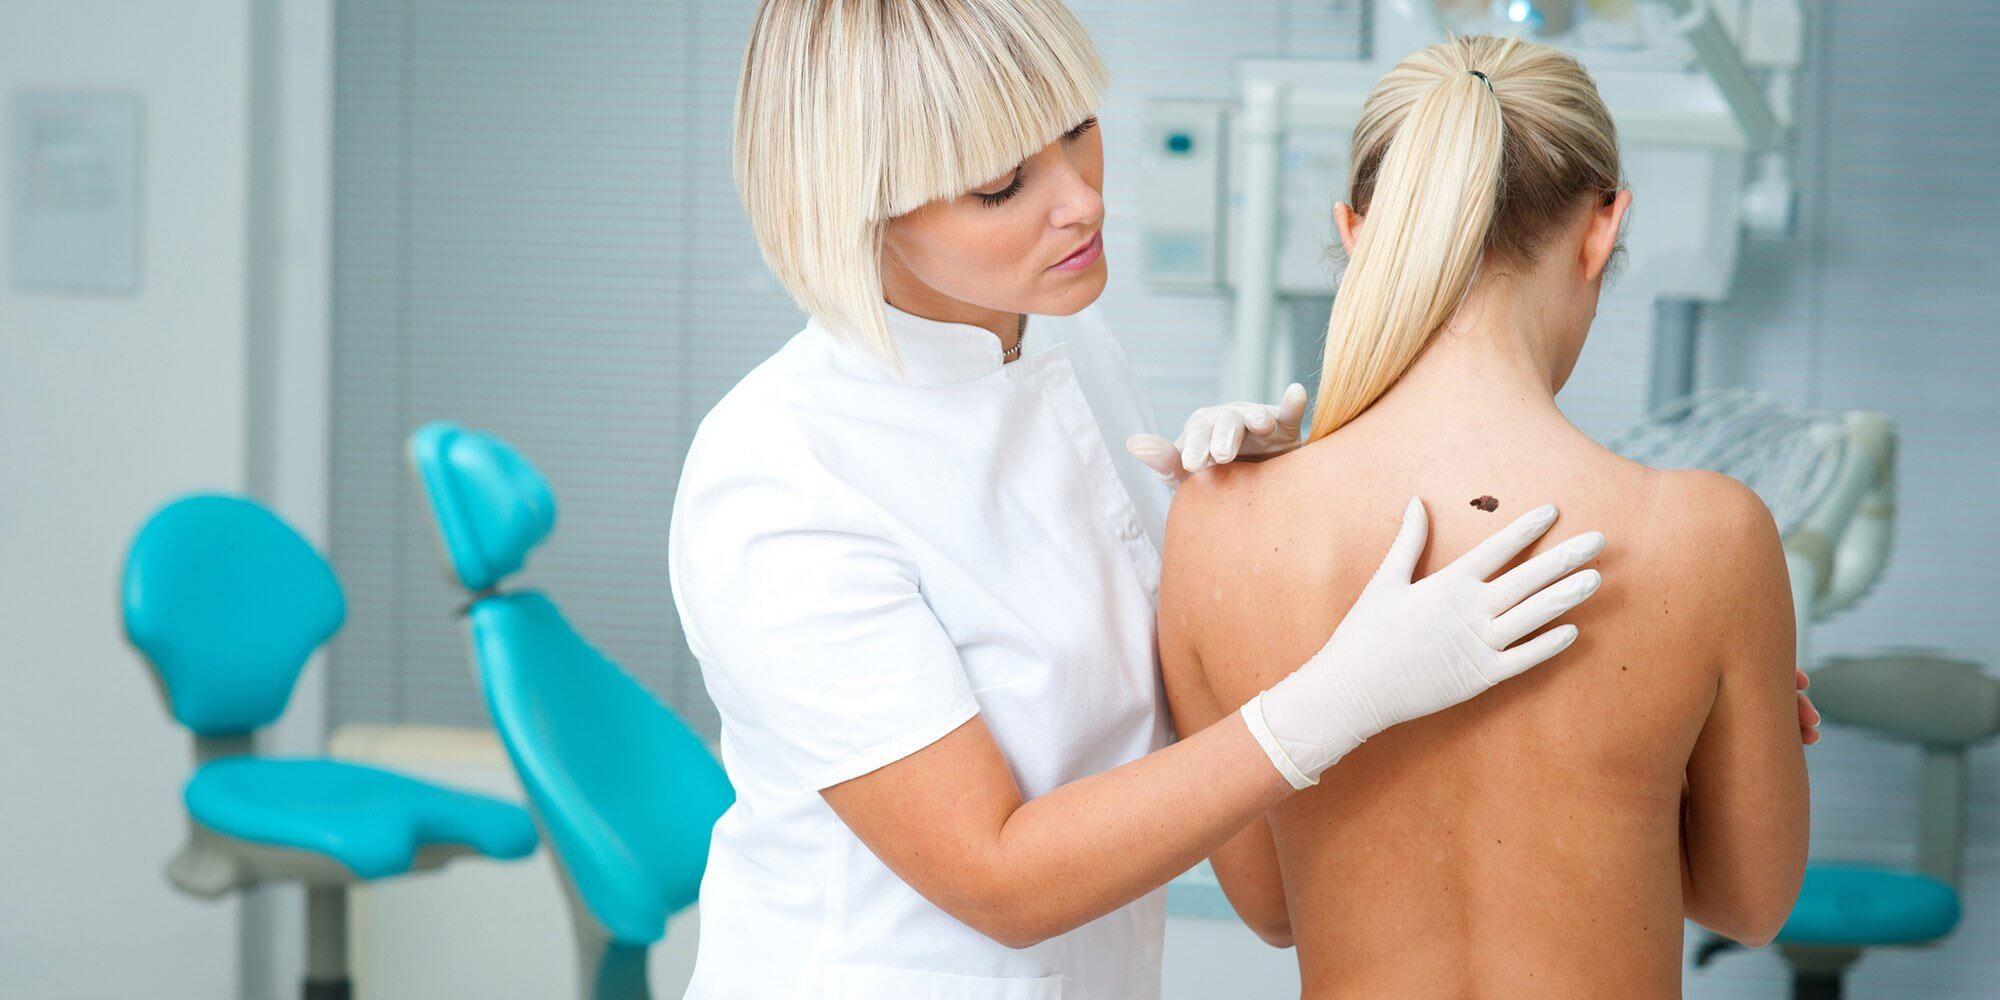 Рак кожи корея, лечение меланомы за границей